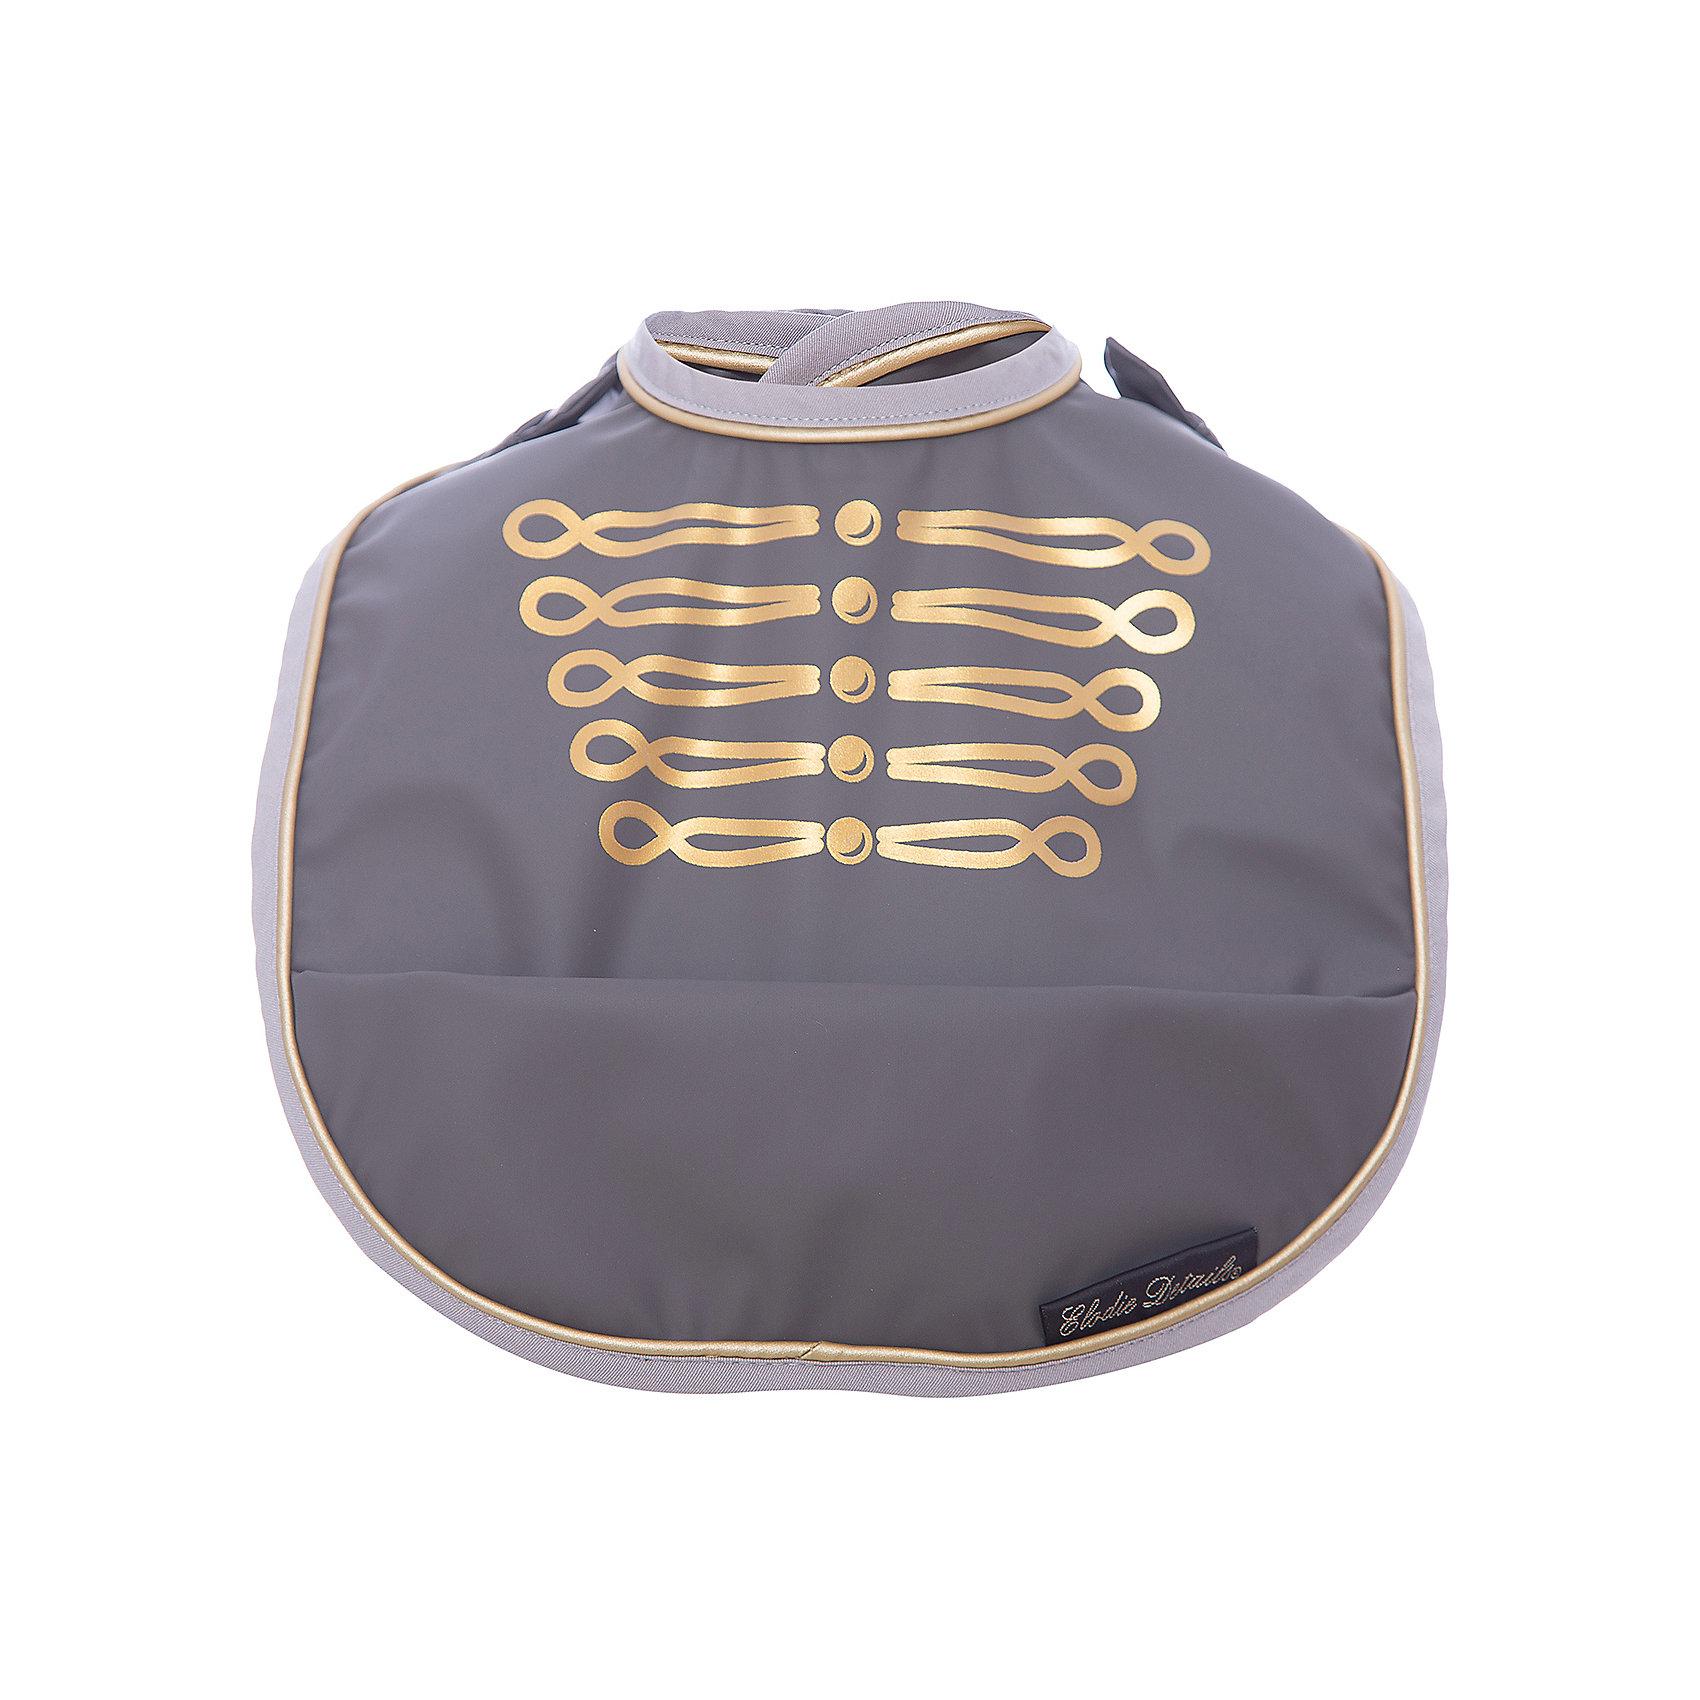 Нагрудник Golden Grey, Elodie DetailsНагрудники и салфетки<br>Нагрудник Golden Grey, Elodie Details (Элоди Дитейлс)<br><br>Характеристики:<br><br>• застежка-липучка<br>• удобный кармашек<br>• петелька для подвешивания<br>• легко моется<br>• материал: полиэстер, полиуретан<br>• размер упаковки: 35х13х30 см<br>• вес: 120 грамм<br><br>Стильный и практичный нагрудник от популярного бренда Elodie Details не позволит малышу испачкать свою одежду во время приёма пищи. Нижний кармашек задерживает крошки, кусочки пищи и жидкость. Модель застегивается с помощью регулируемой липучки. Нагрудник выполнен в чёрном и золотистом цветах, превращающие обед в настоящий праздник!<br><br>Нагрудник Golden Grey, Elodie Details (Элоди Дитейлс) вы можете купить в нашем интернет-магазине.<br><br>Ширина мм: 300<br>Глубина мм: 13<br>Высота мм: 350<br>Вес г: 120<br>Возраст от месяцев: 0<br>Возраст до месяцев: 36<br>Пол: Мужской<br>Возраст: Детский<br>SKU: 5613532